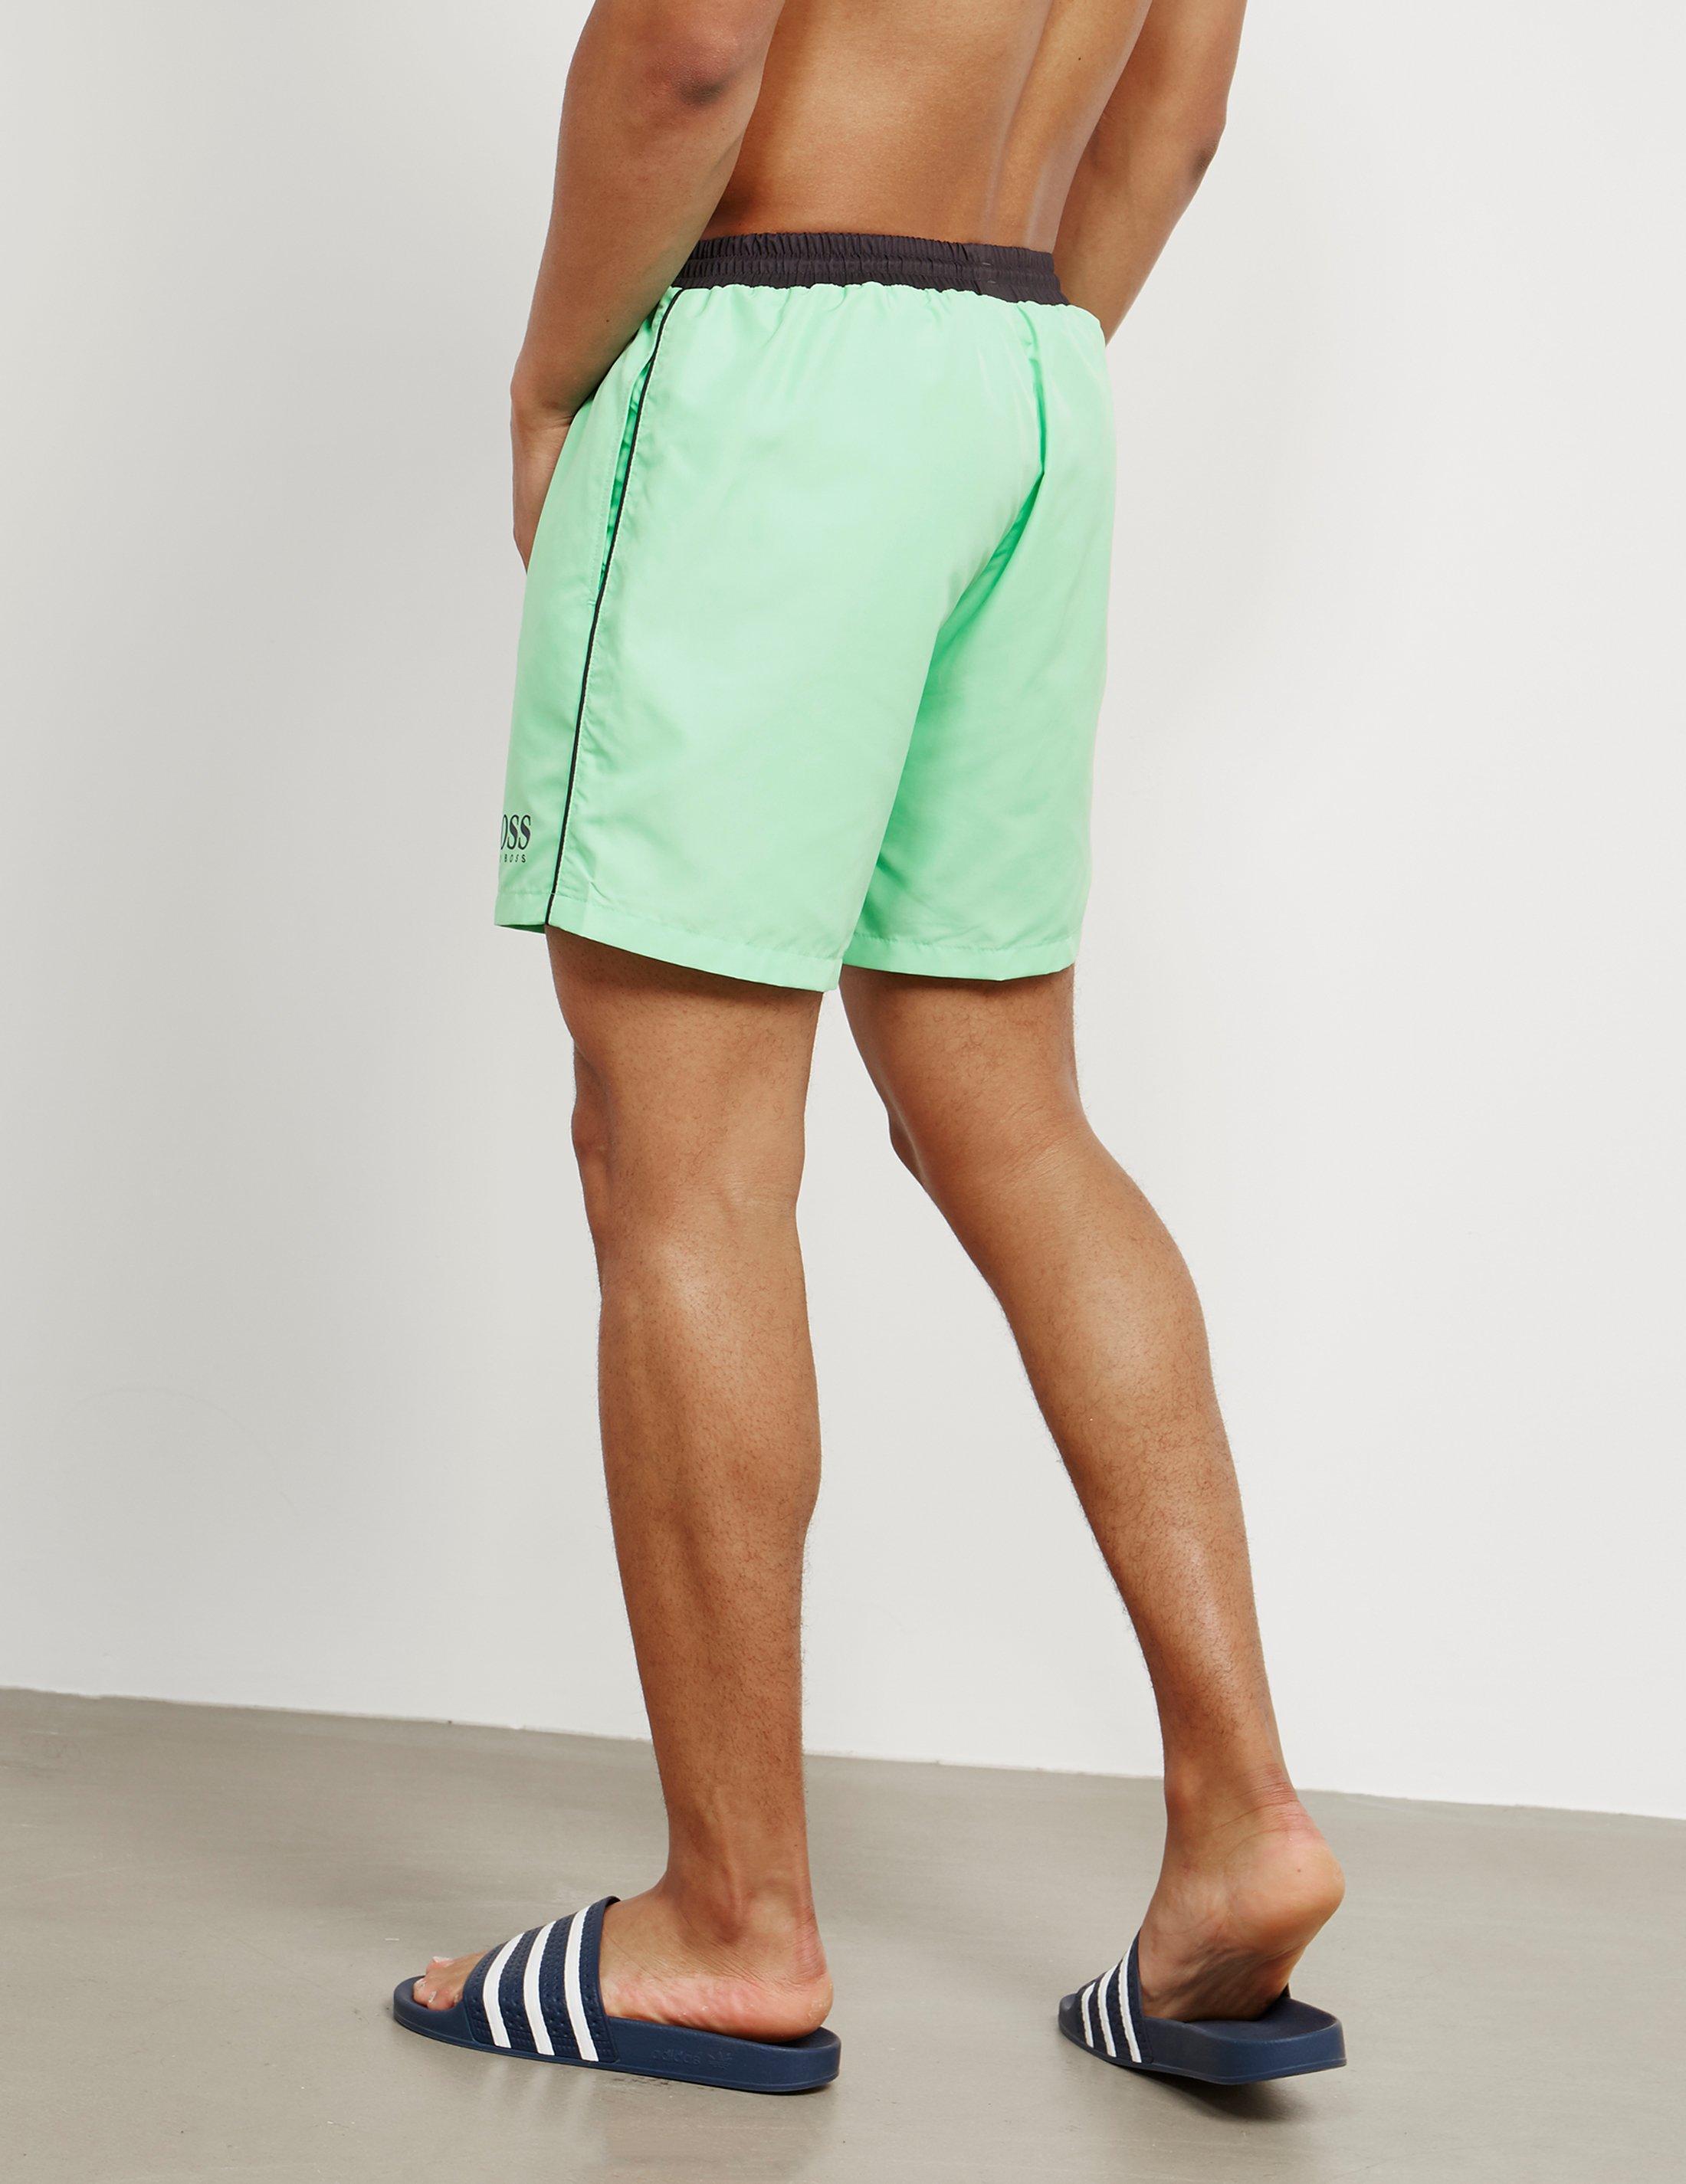 hugo boss shorts green